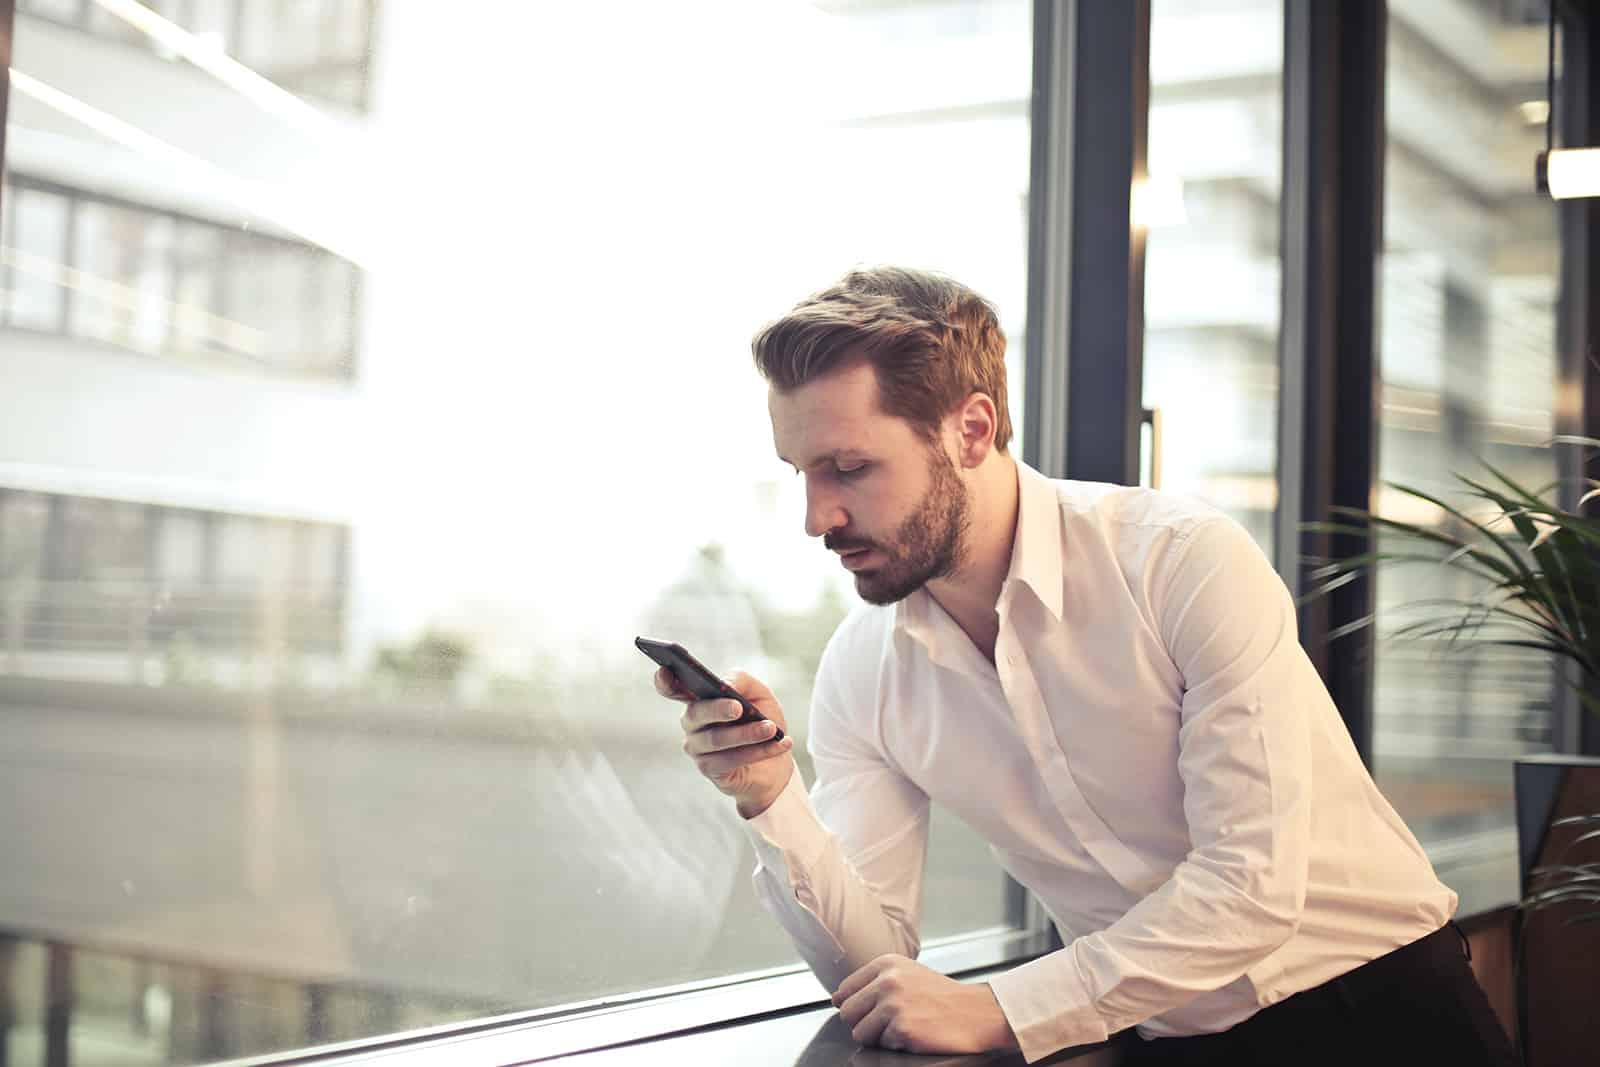 Ein Mann überprüfte sein Telefon und lehnte sich ans Fenster